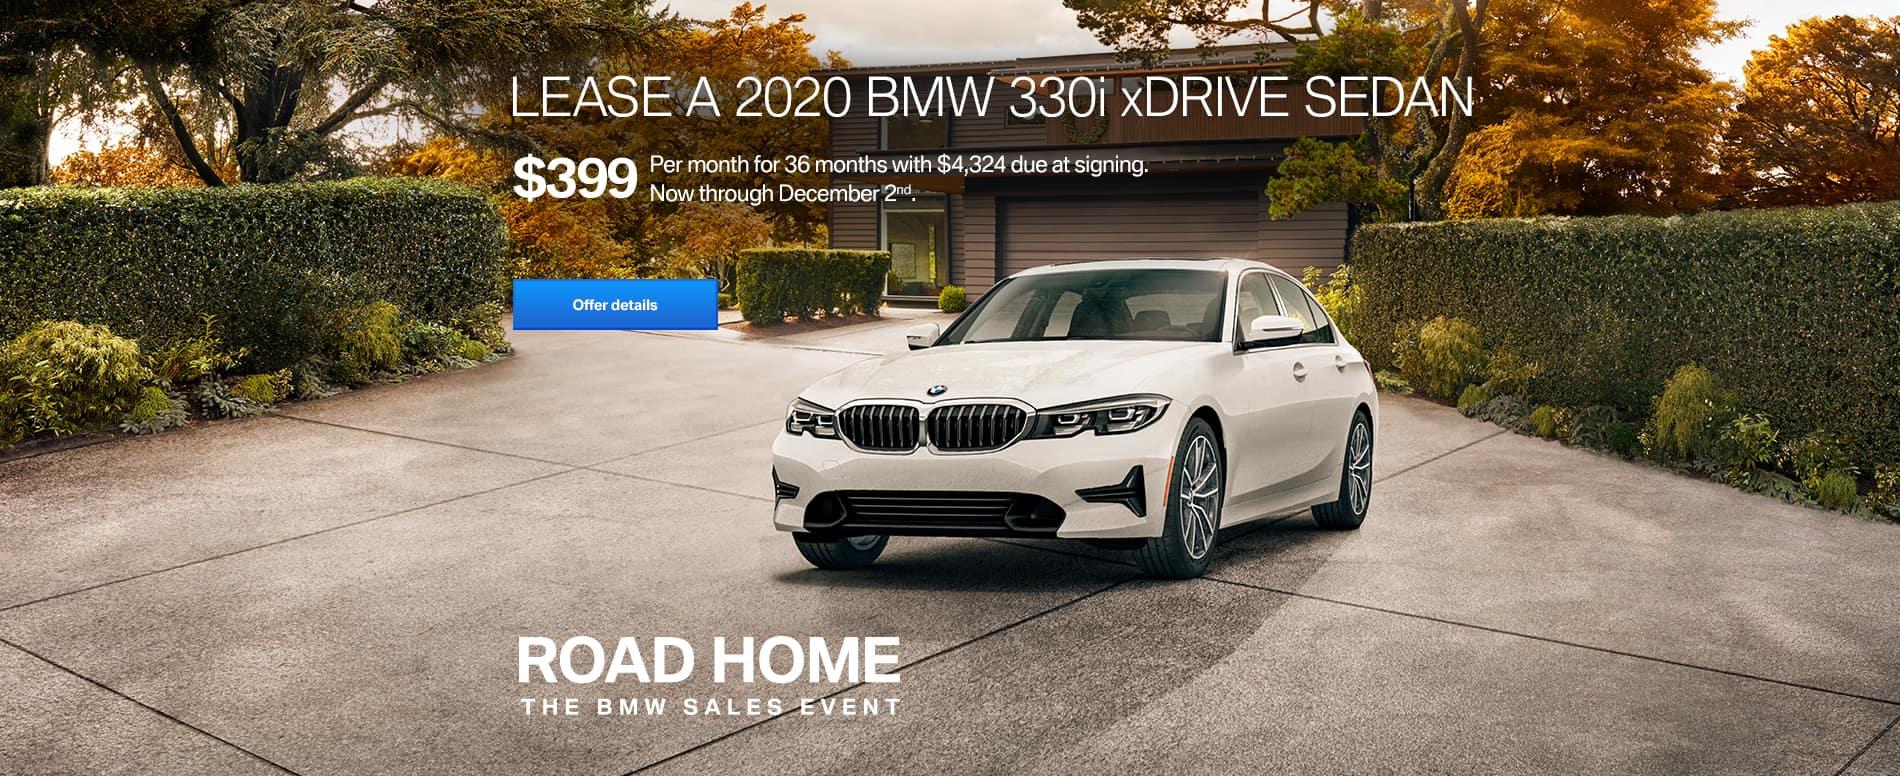 FMA4_NOV_PUSH_BMW_330i_xDrive_399_4324_DAS